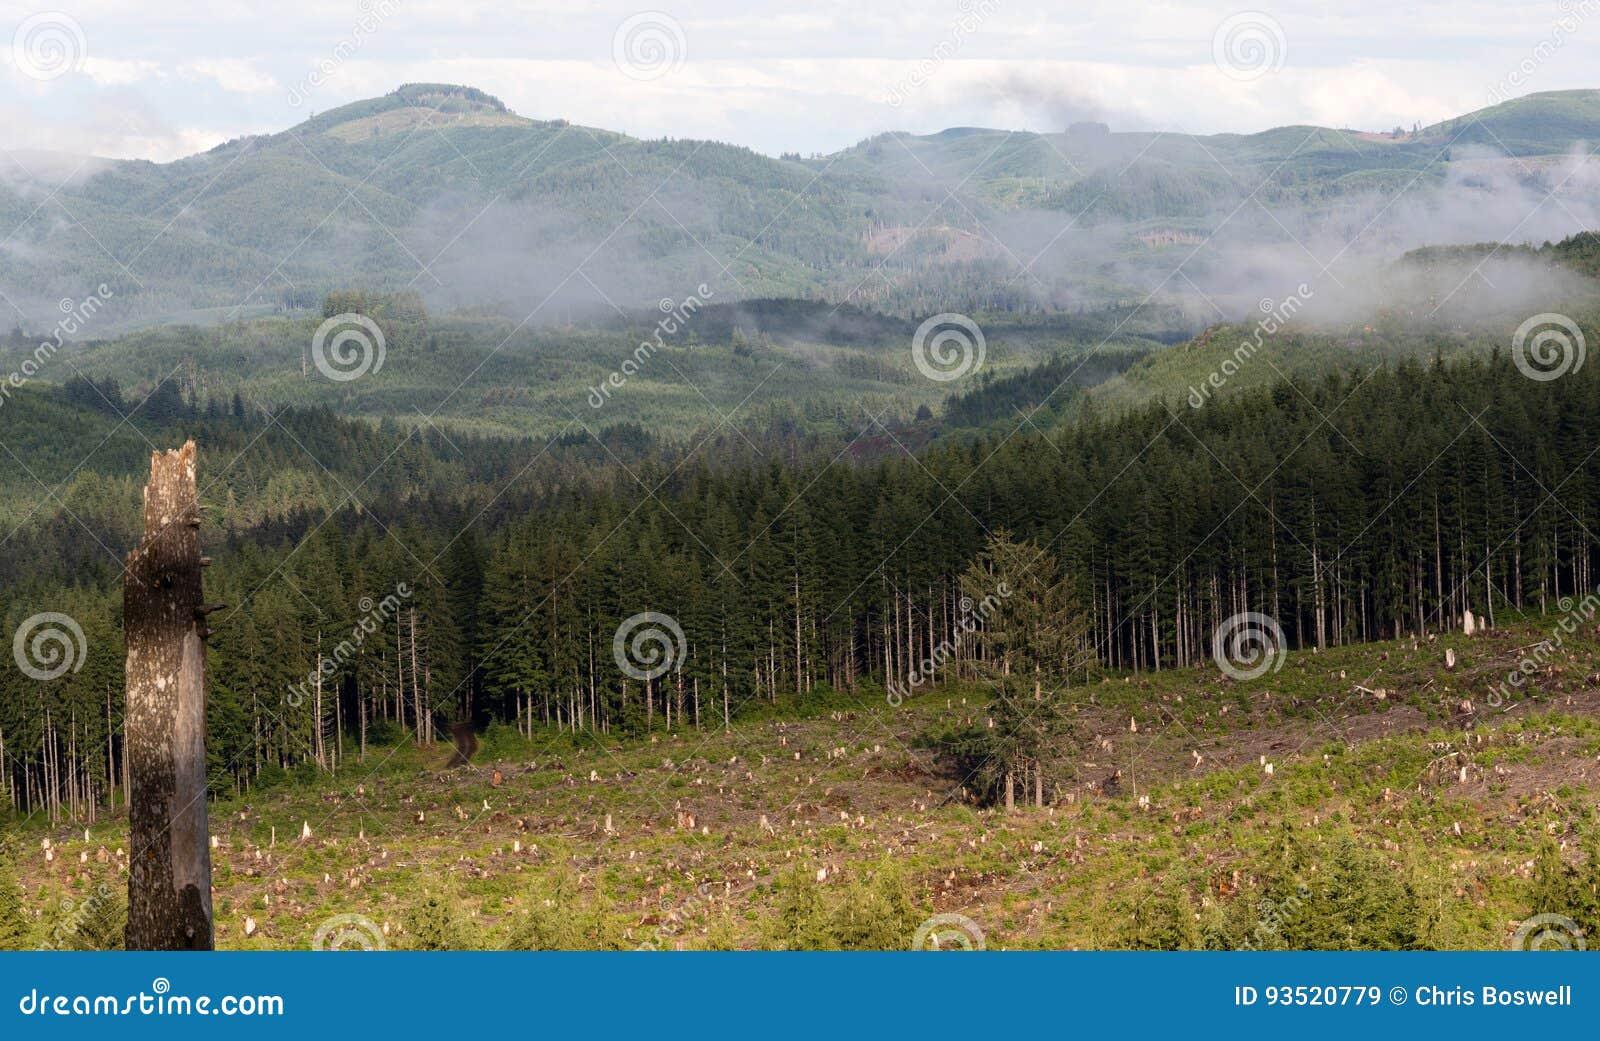 Het Effect van het mistige Berg de Duidelijke Registreren Ontbossing van Boomstompen